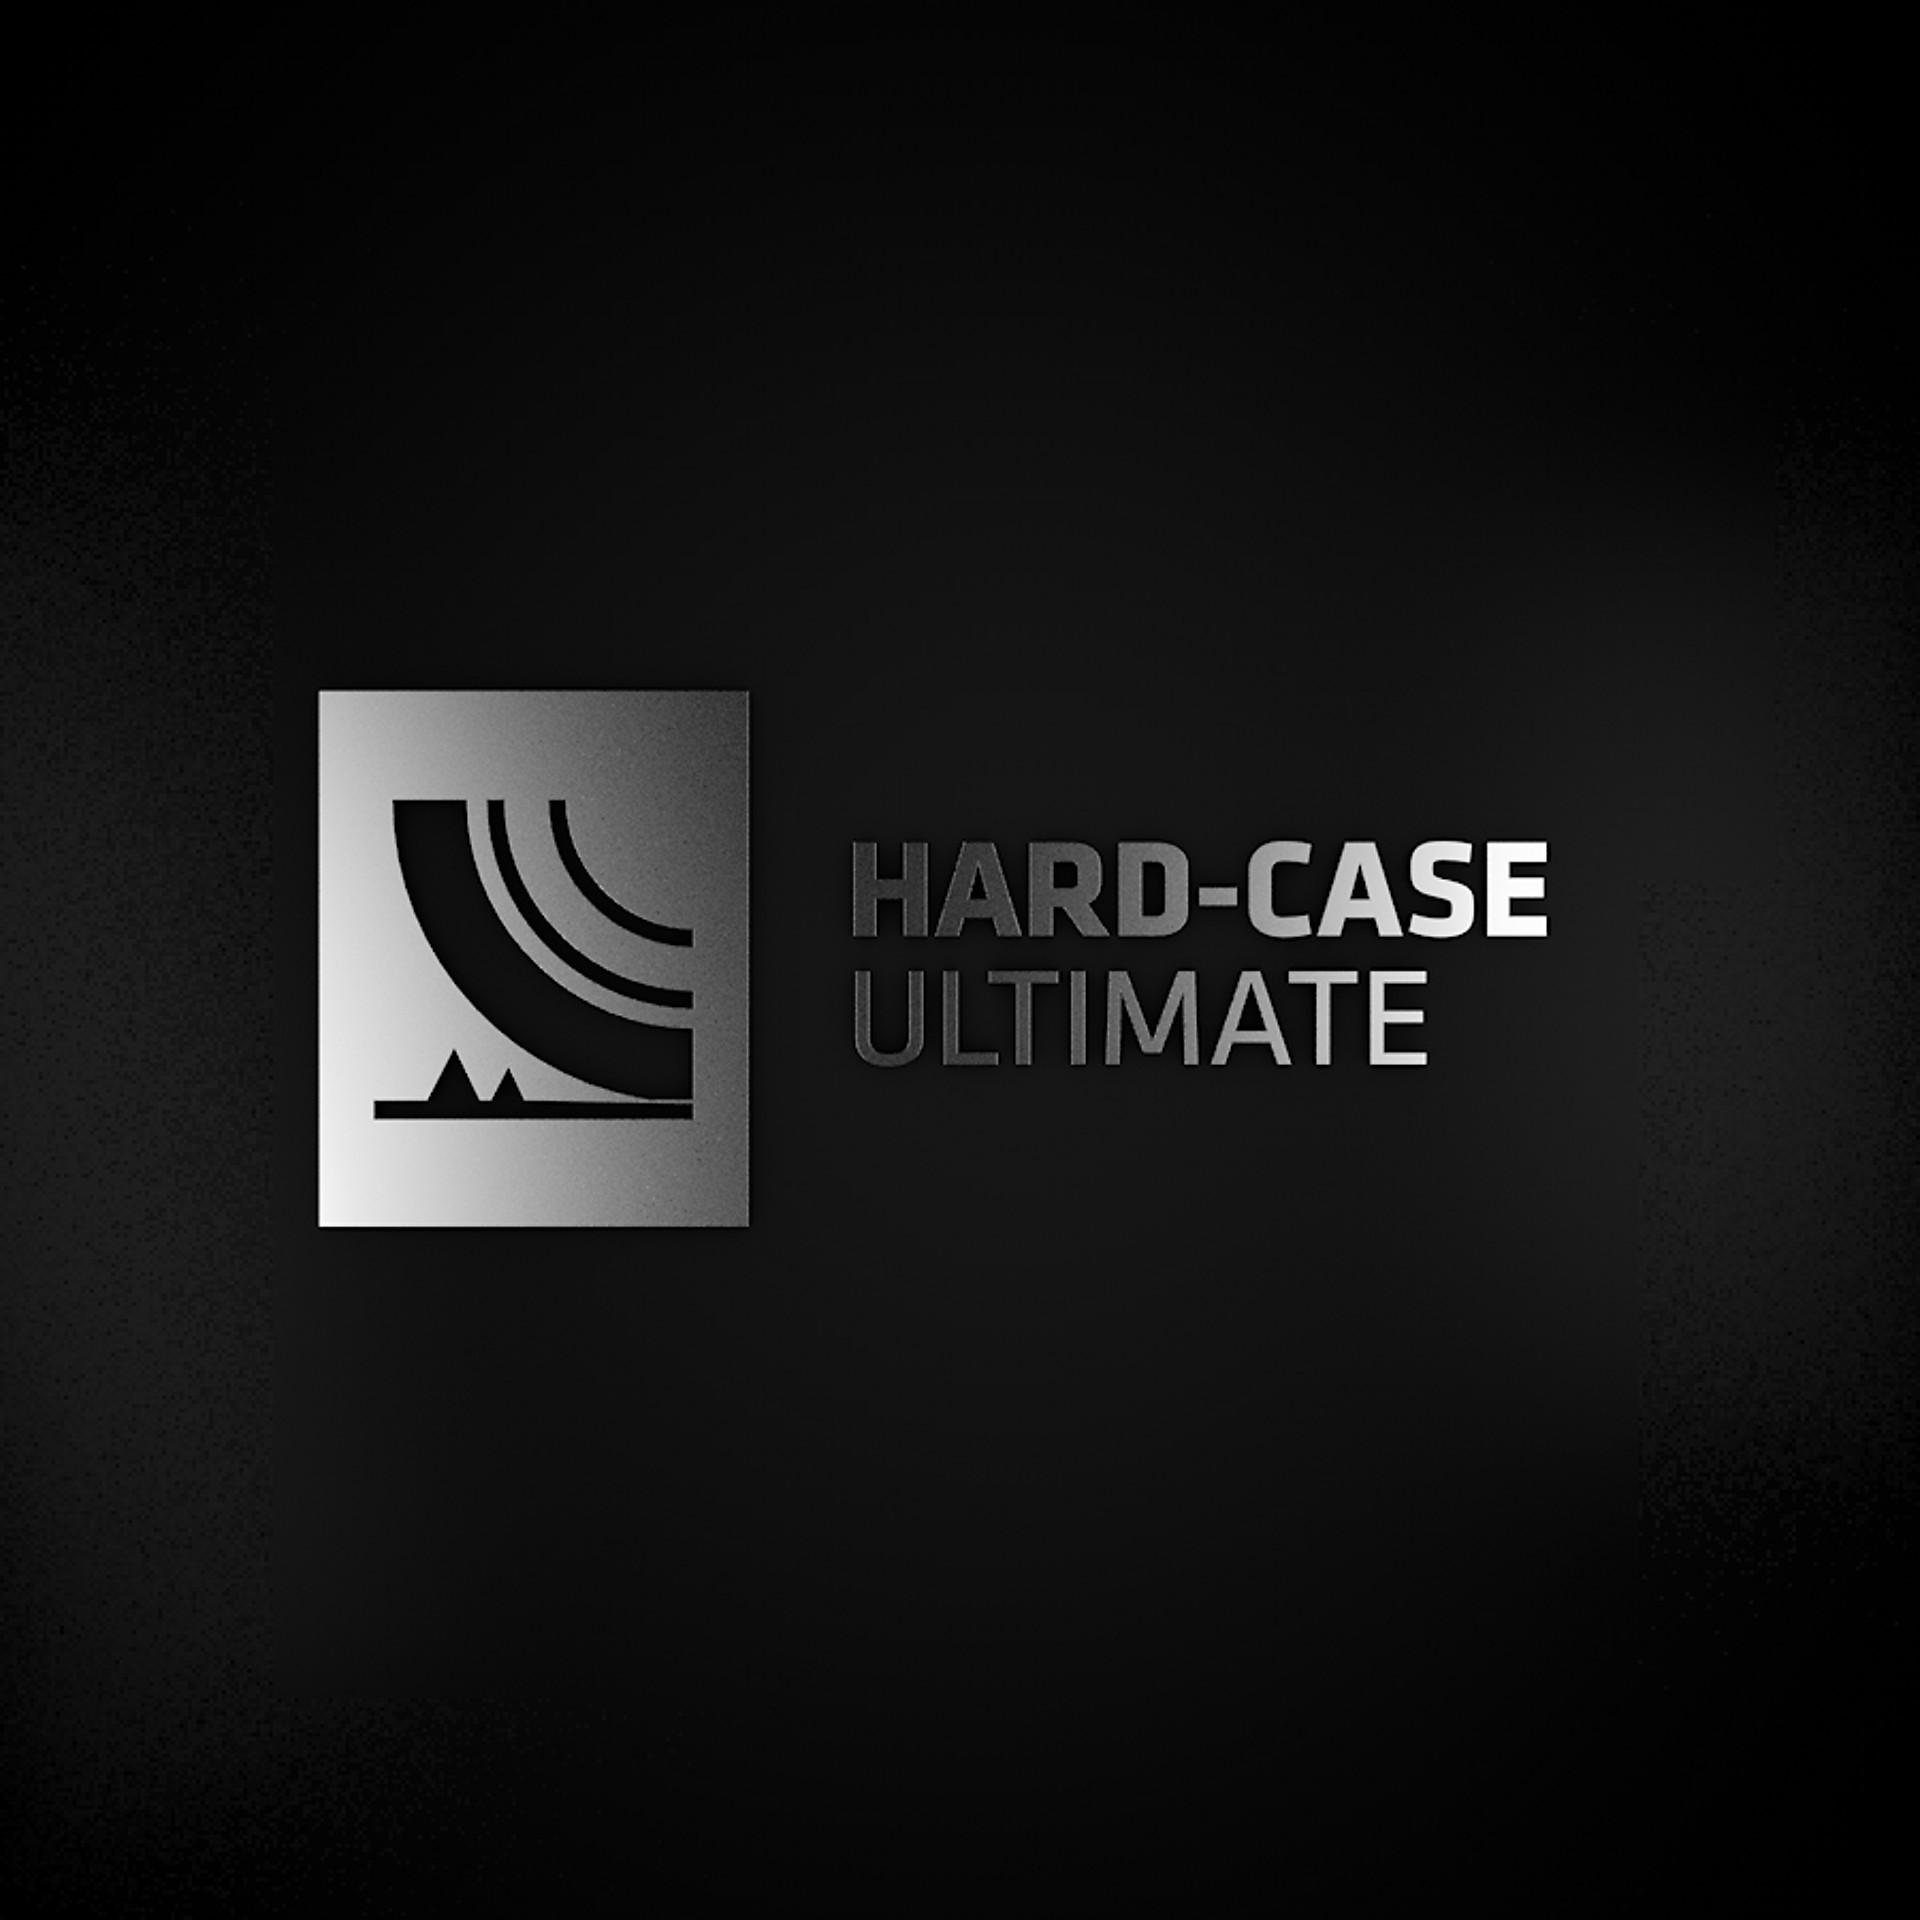 Hard-Case Ultimate